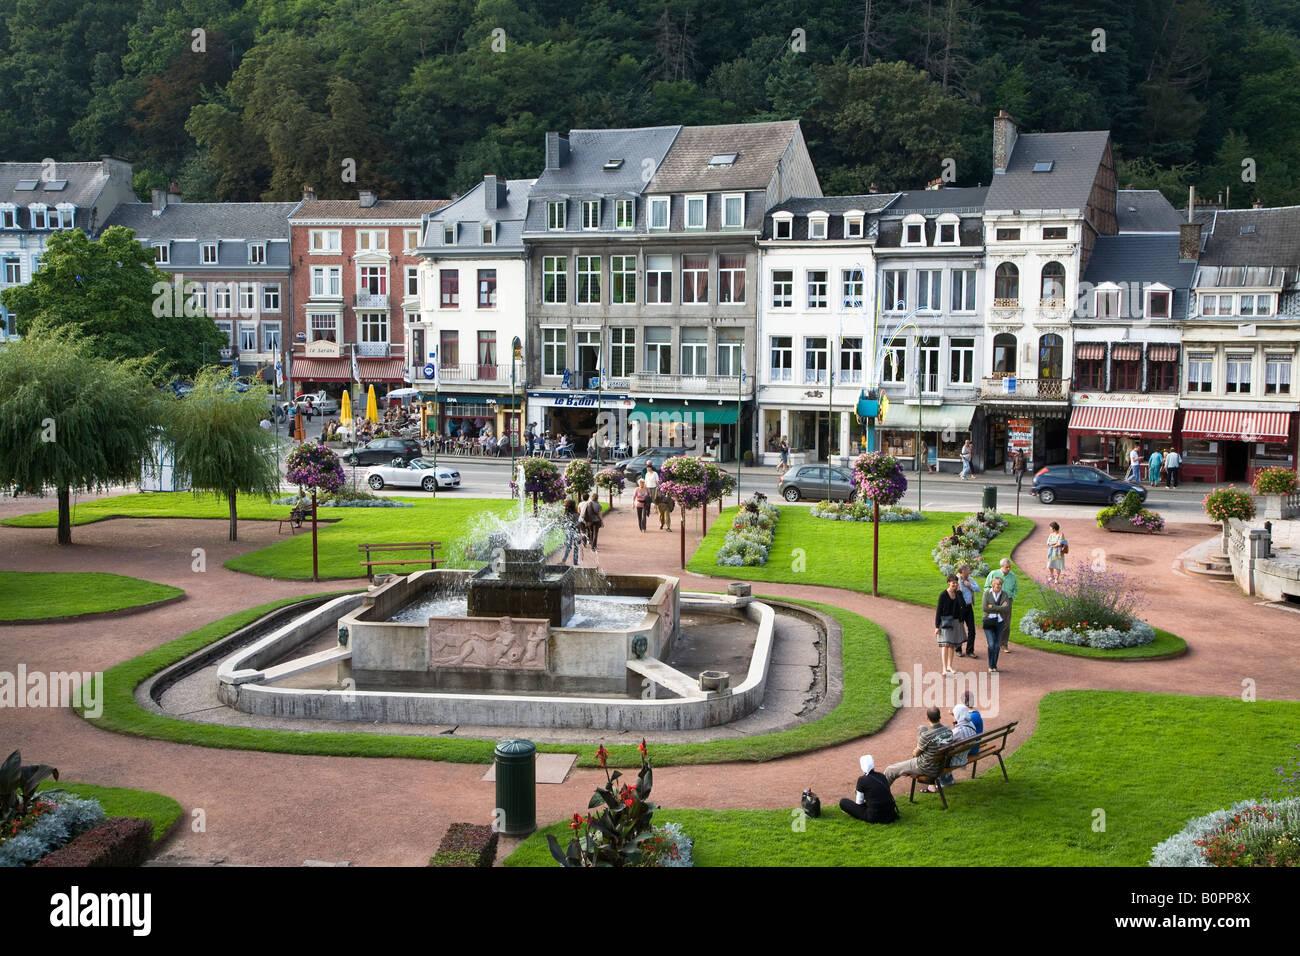 Zentrale Garten Und Geschaften In Der Stadt Spa Belgien